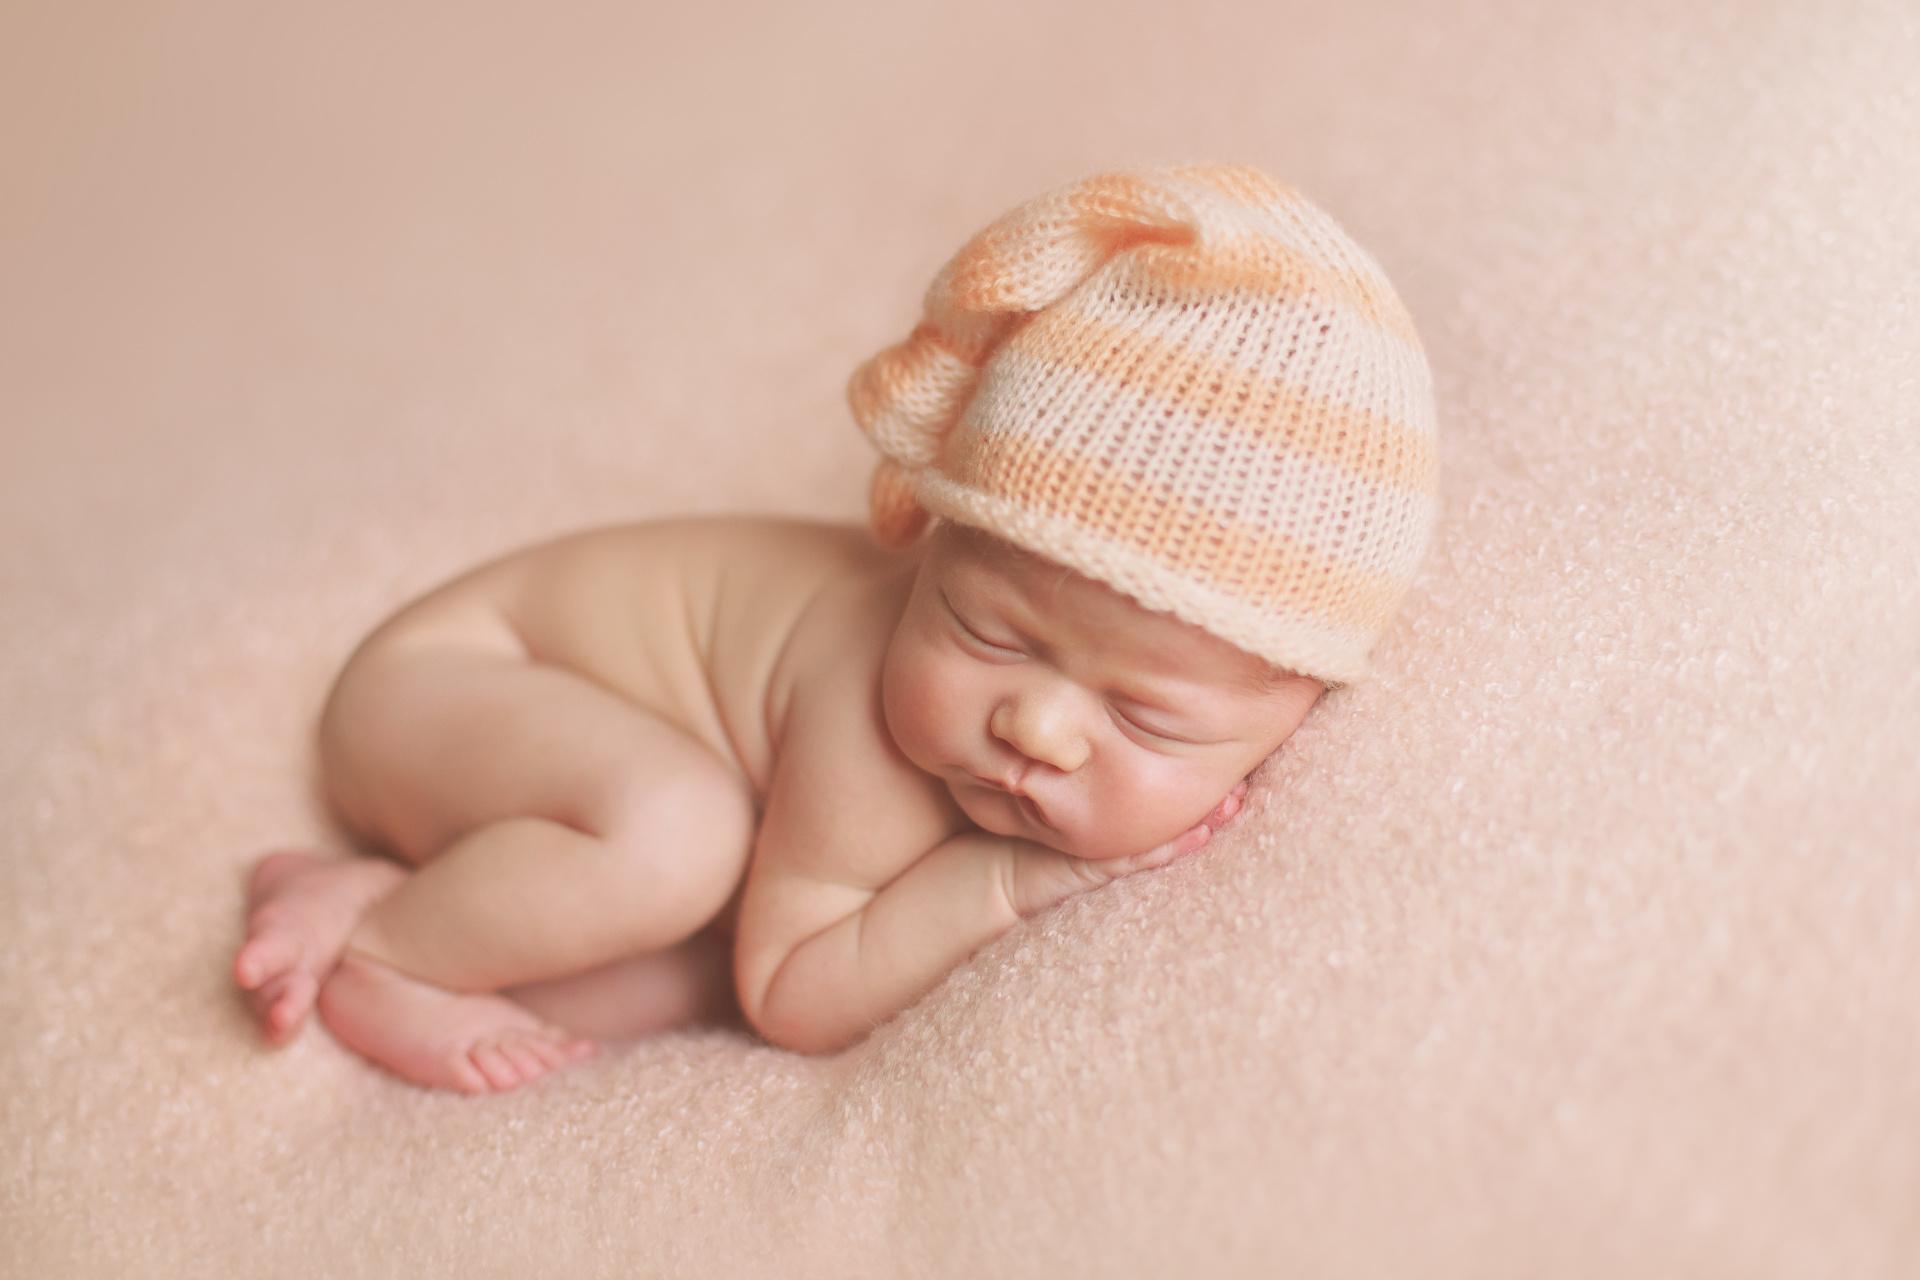 Как сделать красивые фото новорожденного дома